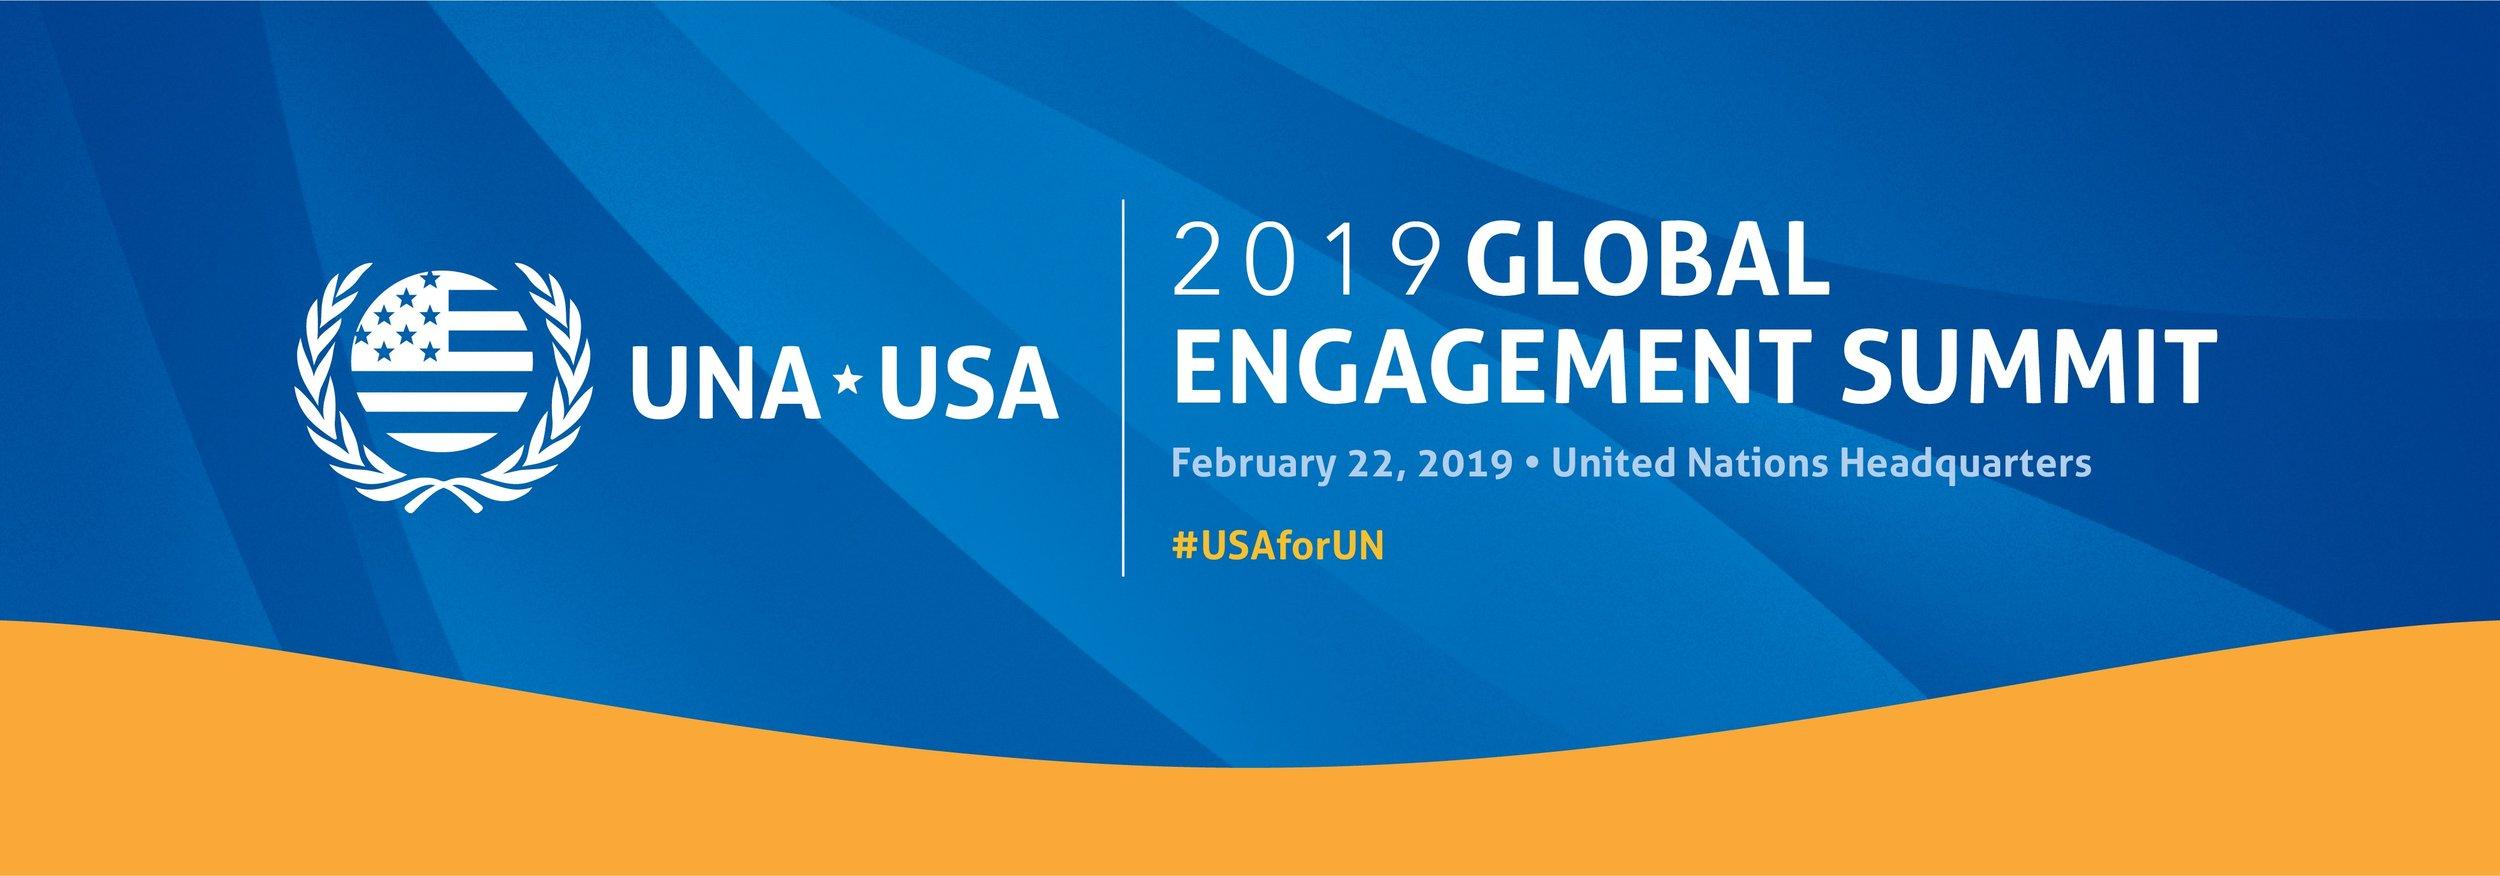 UNA Summit 2019 v3-02.jpg